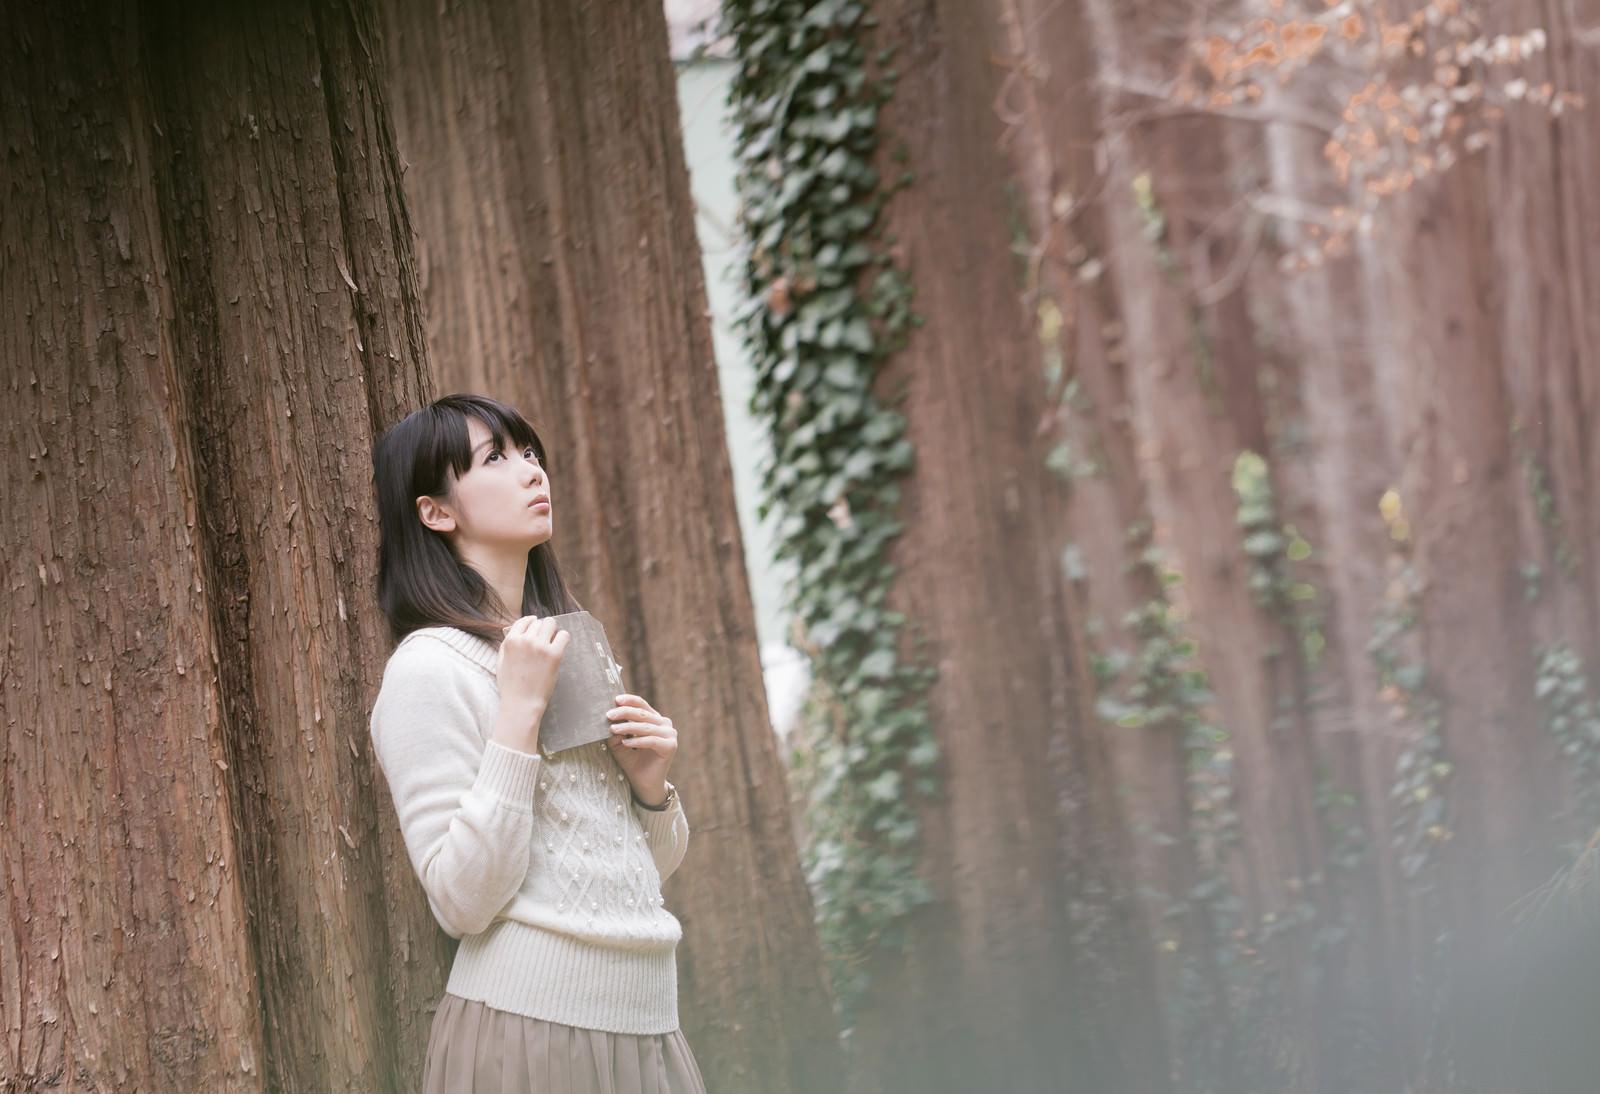 「森に迷い込んだ読書美女」の写真[モデル:白鳥片栗粉]